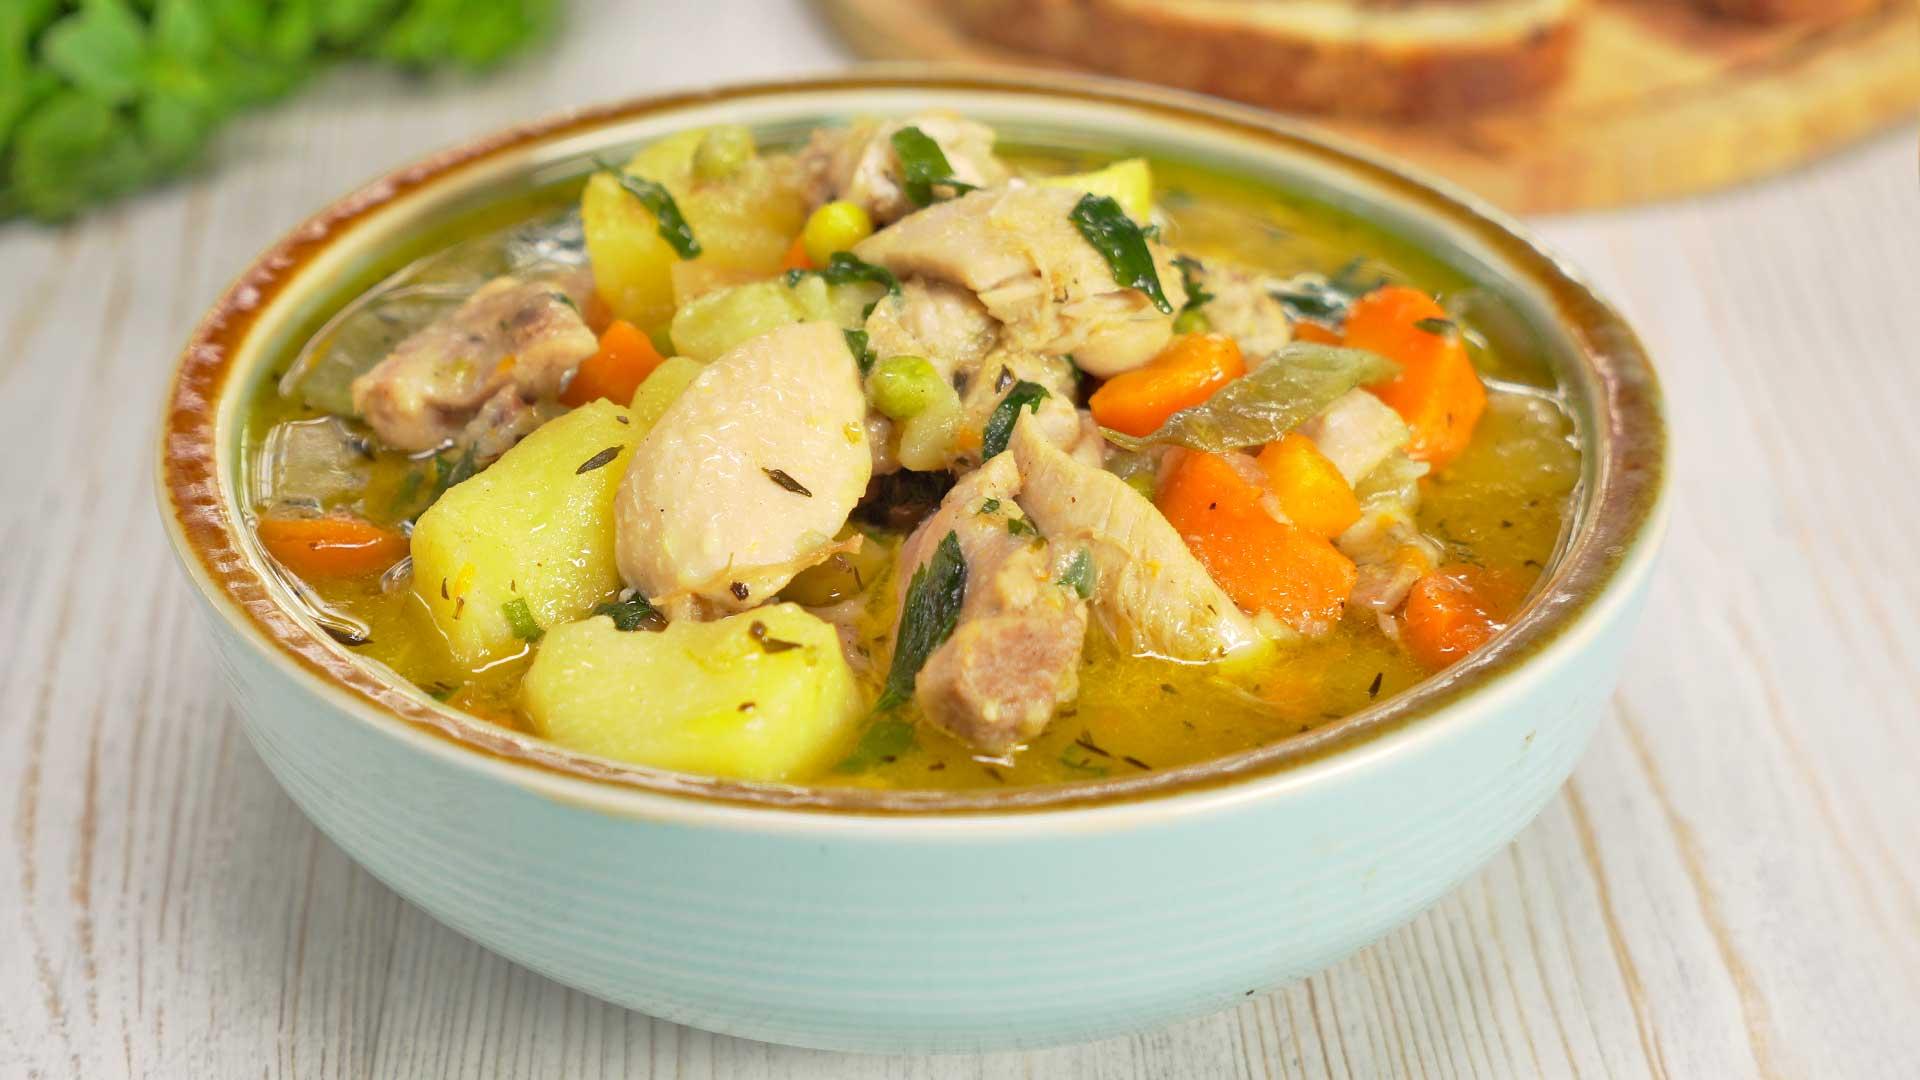 Тушеная курица с картофелем и овощами